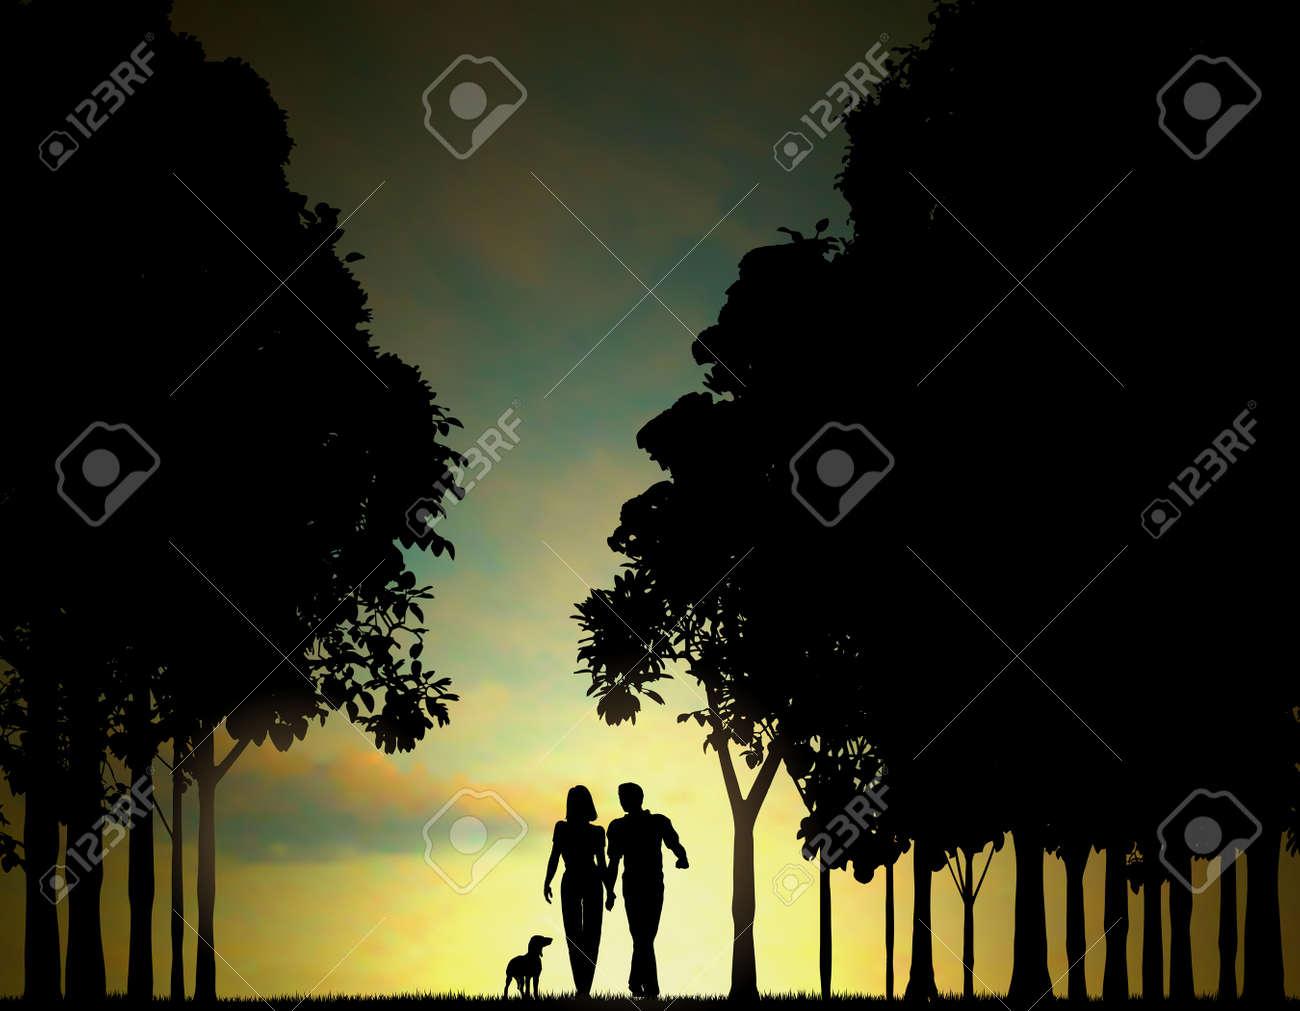 カップル一緒に歩いて、木に夜明けや夕暮れグラデーション メッシュを